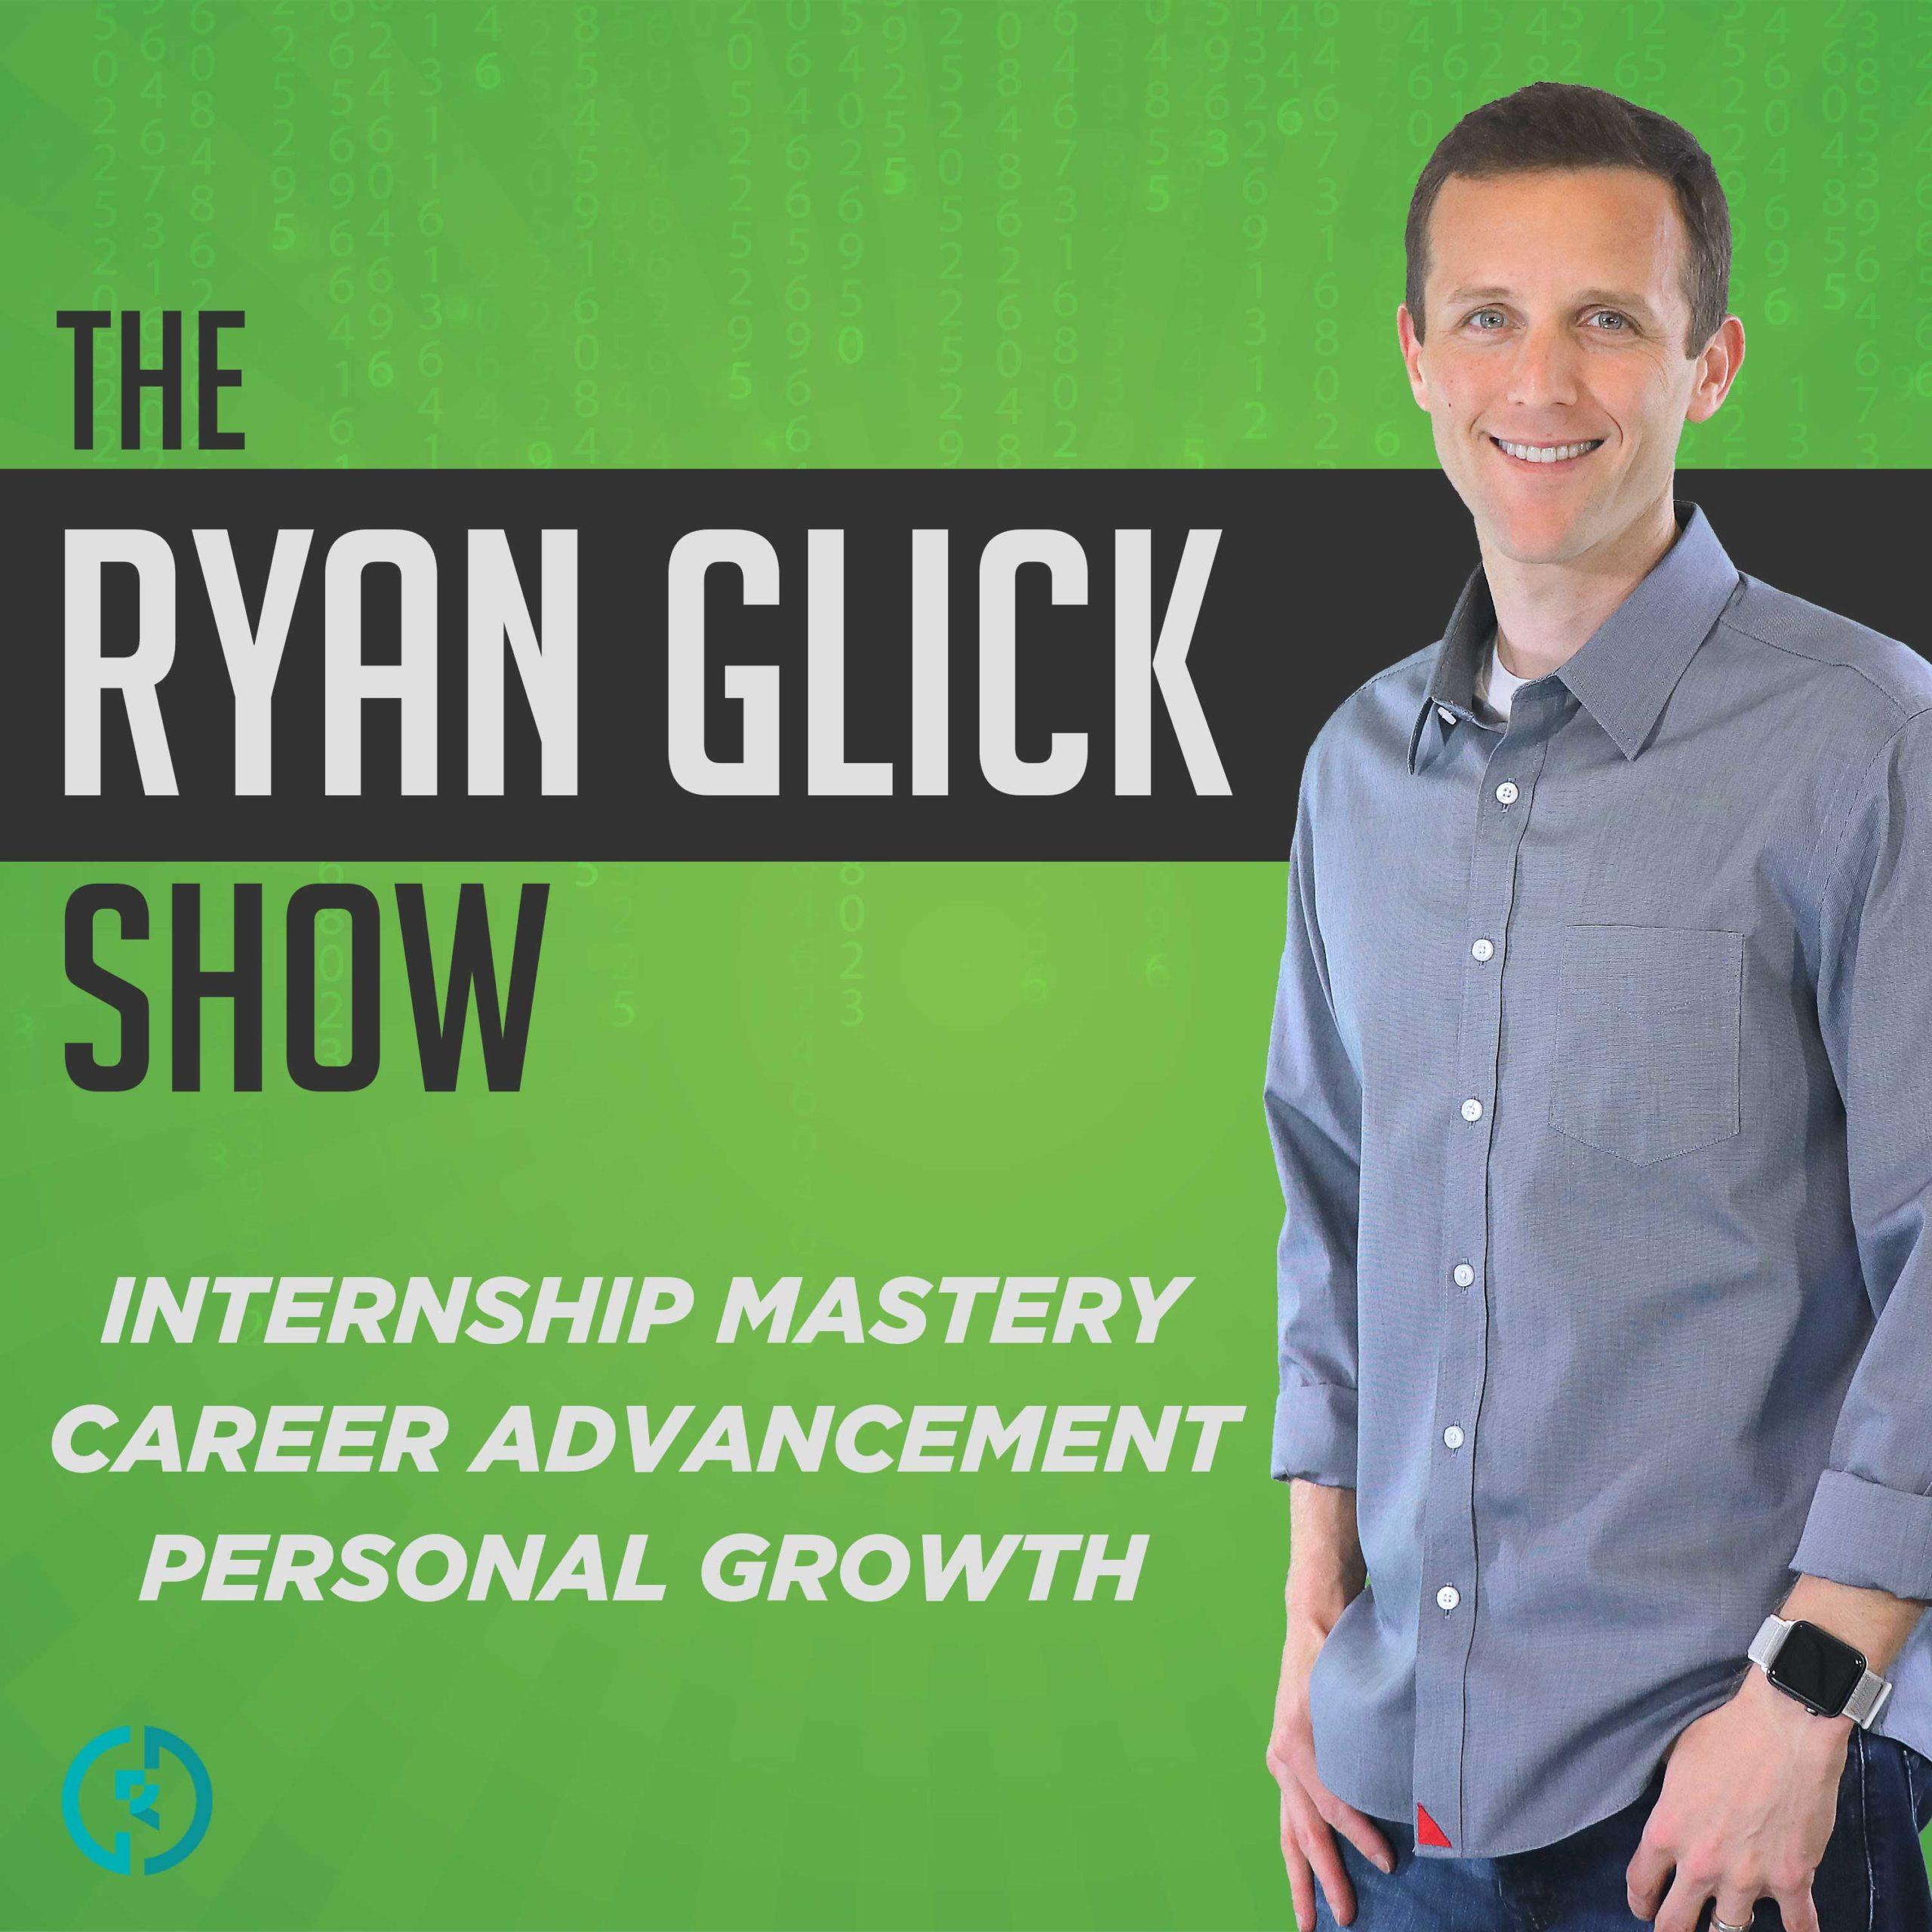 The Ryan Glick Show